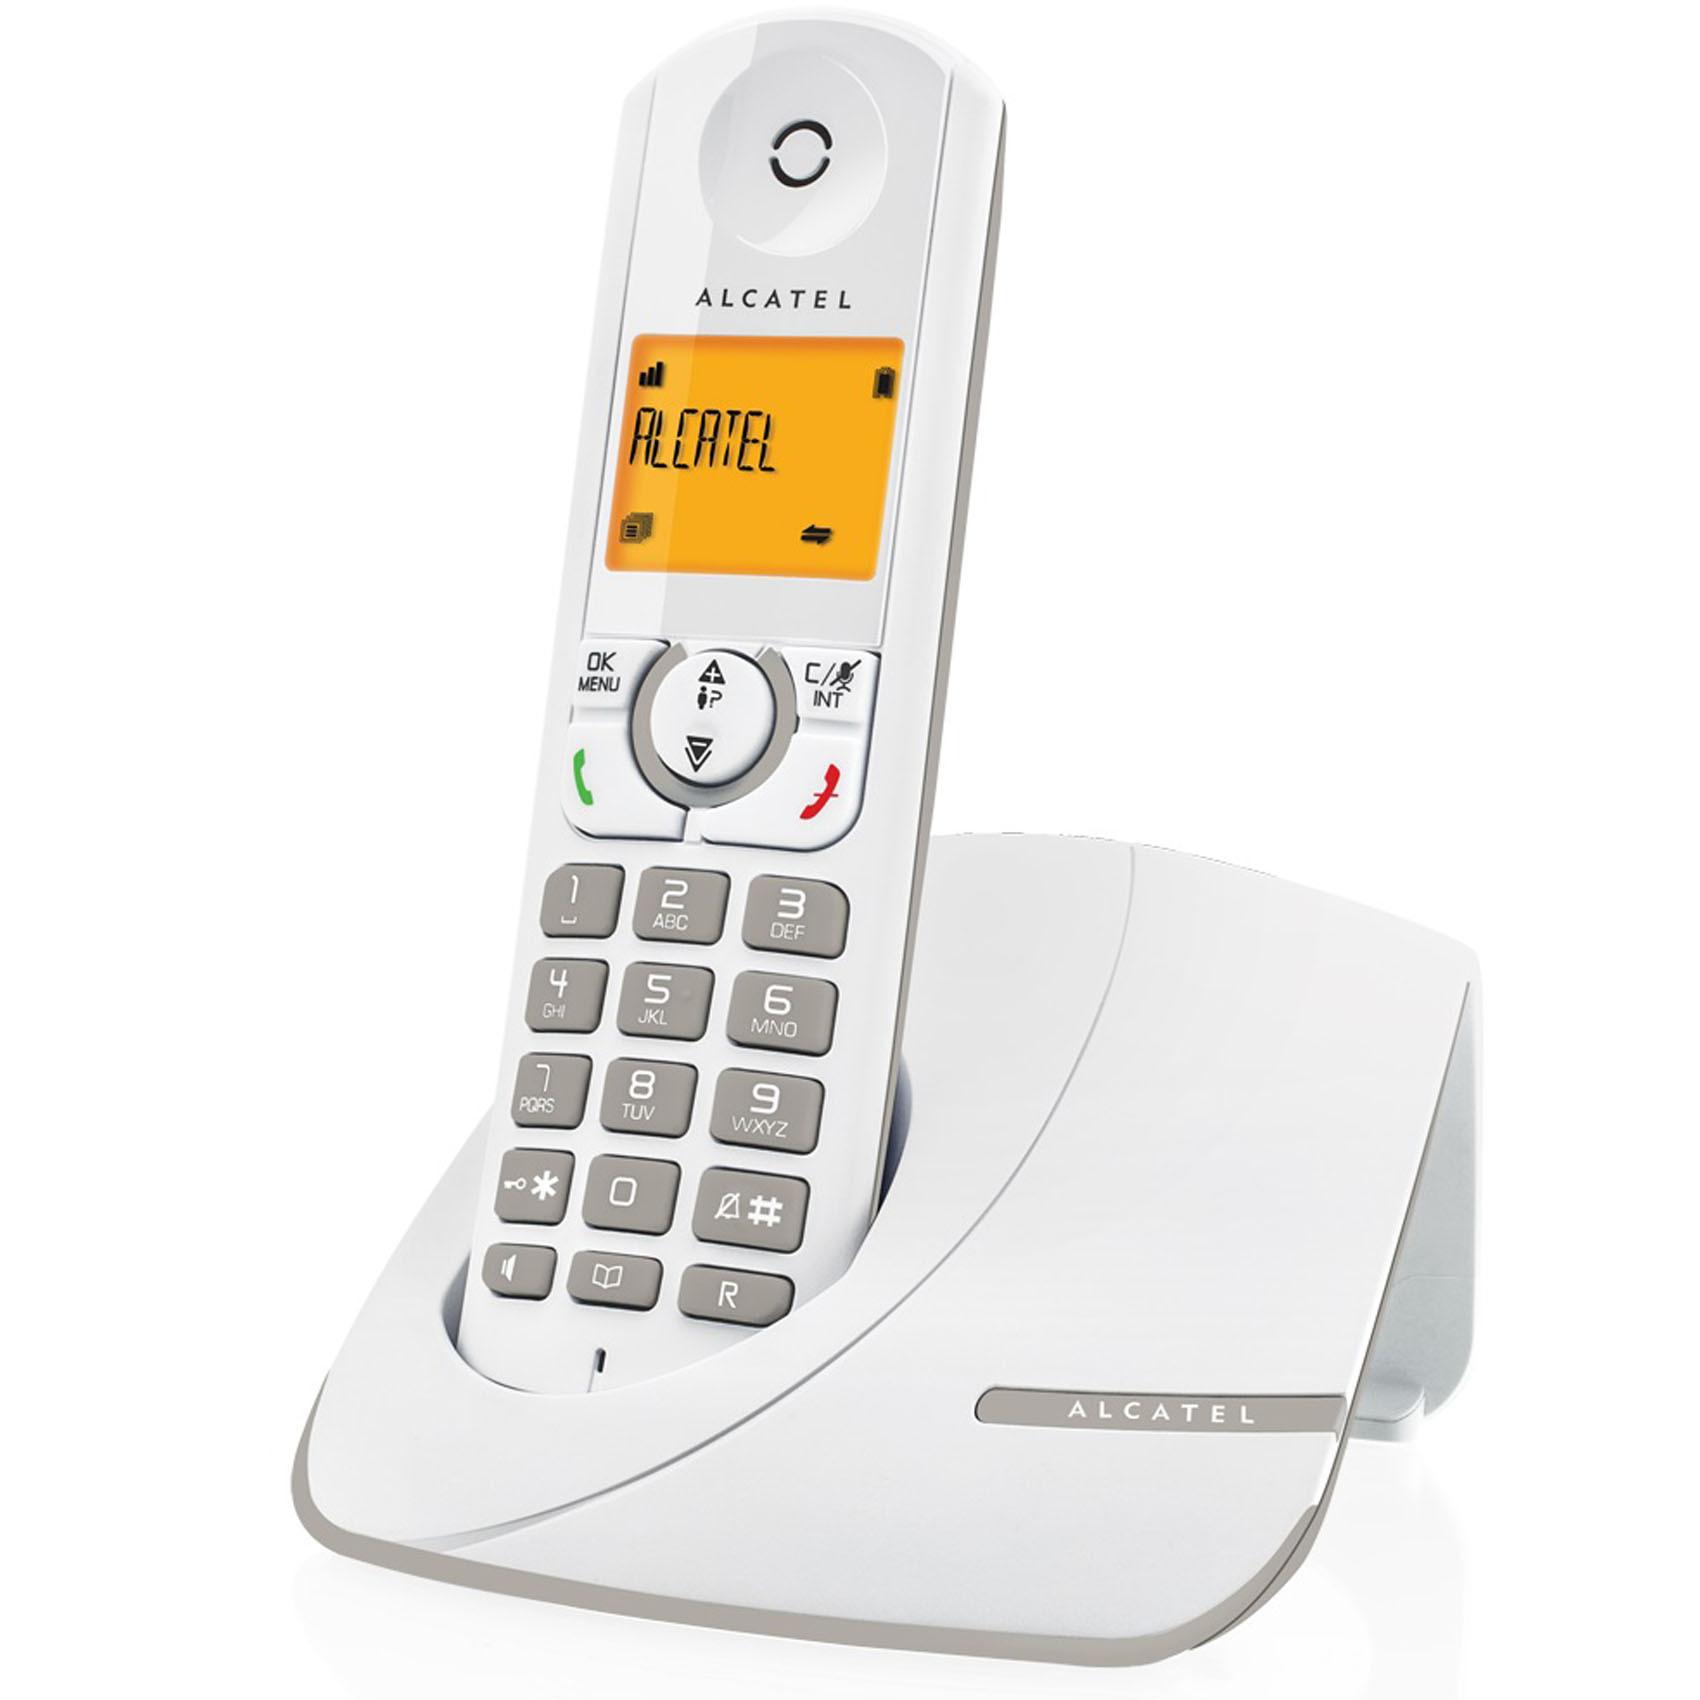 ALCATEL F330EMA GRY DECT PHONE